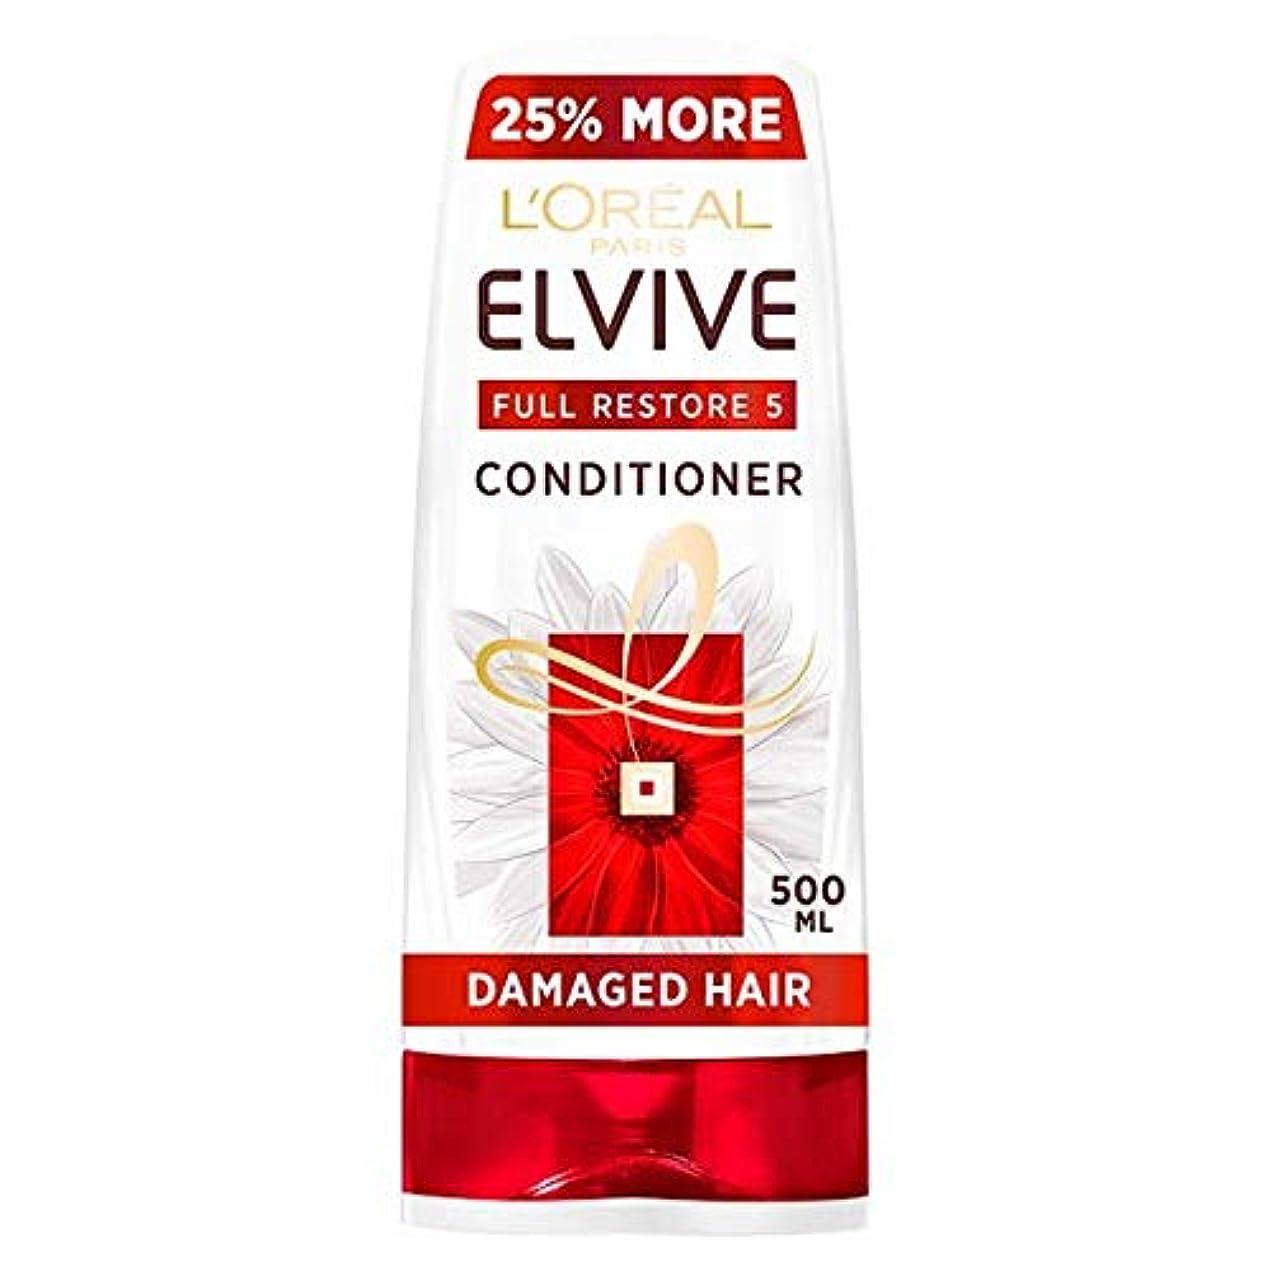 リーズ分離比較的[Elvive] ロレアルElvive極度のダメージヘアコンディショナー500ミリリットル - L'oreal Elvive Extreme Damaged Hair Conditioner 500Ml [並行輸入品]